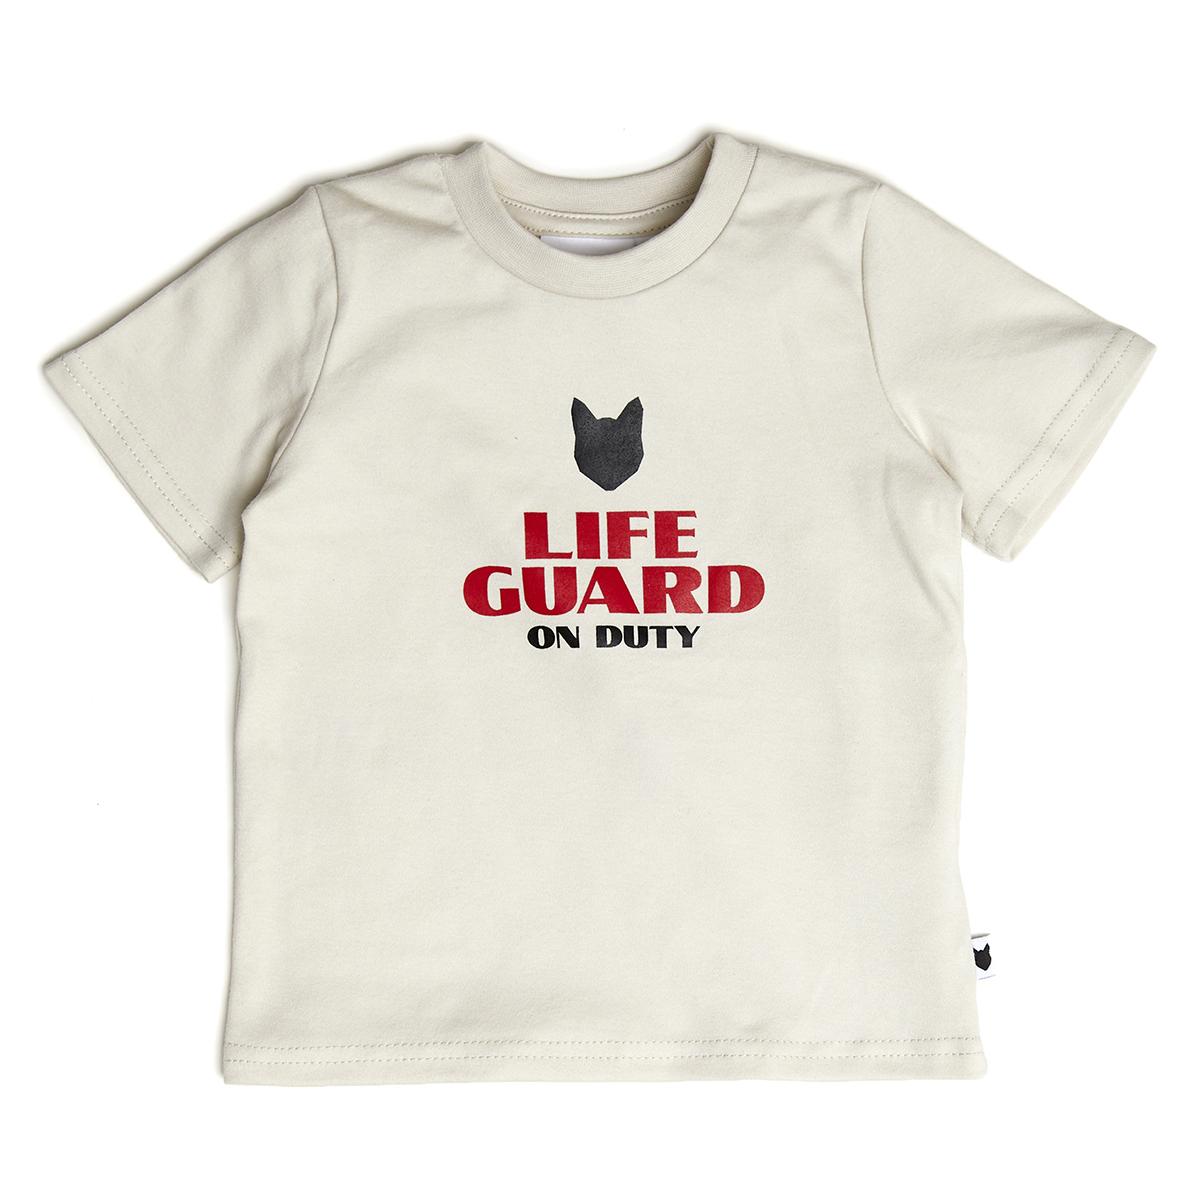 Hauts bébé Tee-Shirt Lifeguard - 6/12 Mois Tee-Shirt Lifeguard - 6/12 Mois